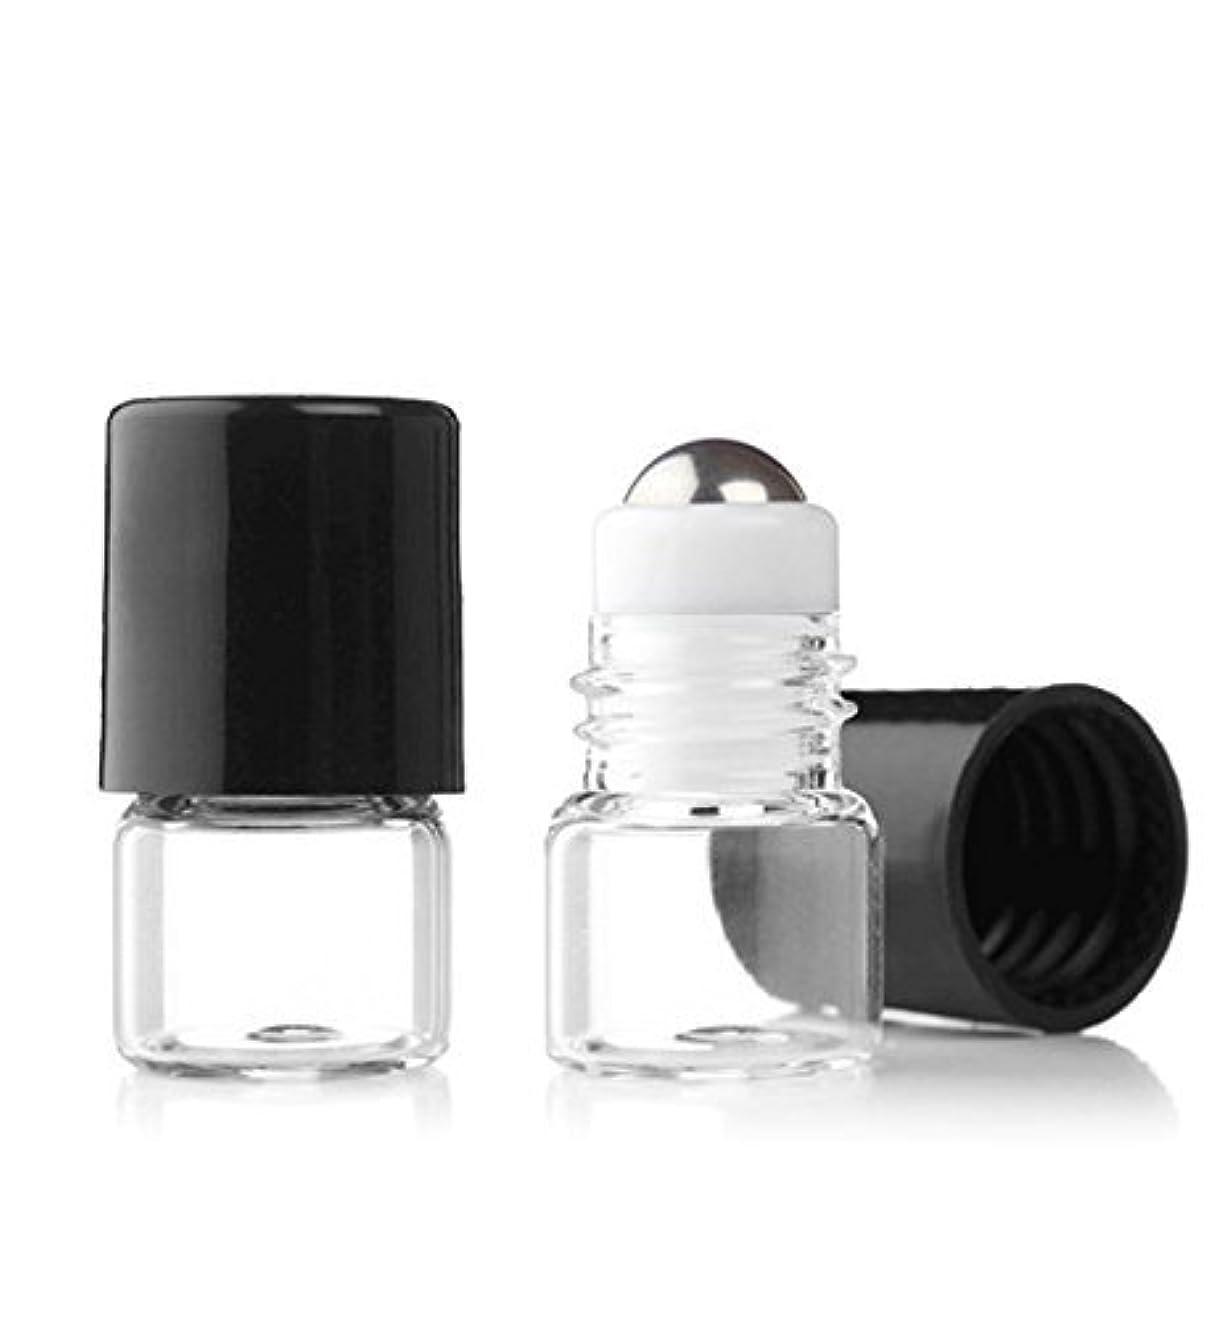 天文学ハンサム暴露Grand Parfums Empty 1ml Micro Mini Rollon Dram Glass Bottles with Metal Roller Balls - Refillable Aromatherapy...